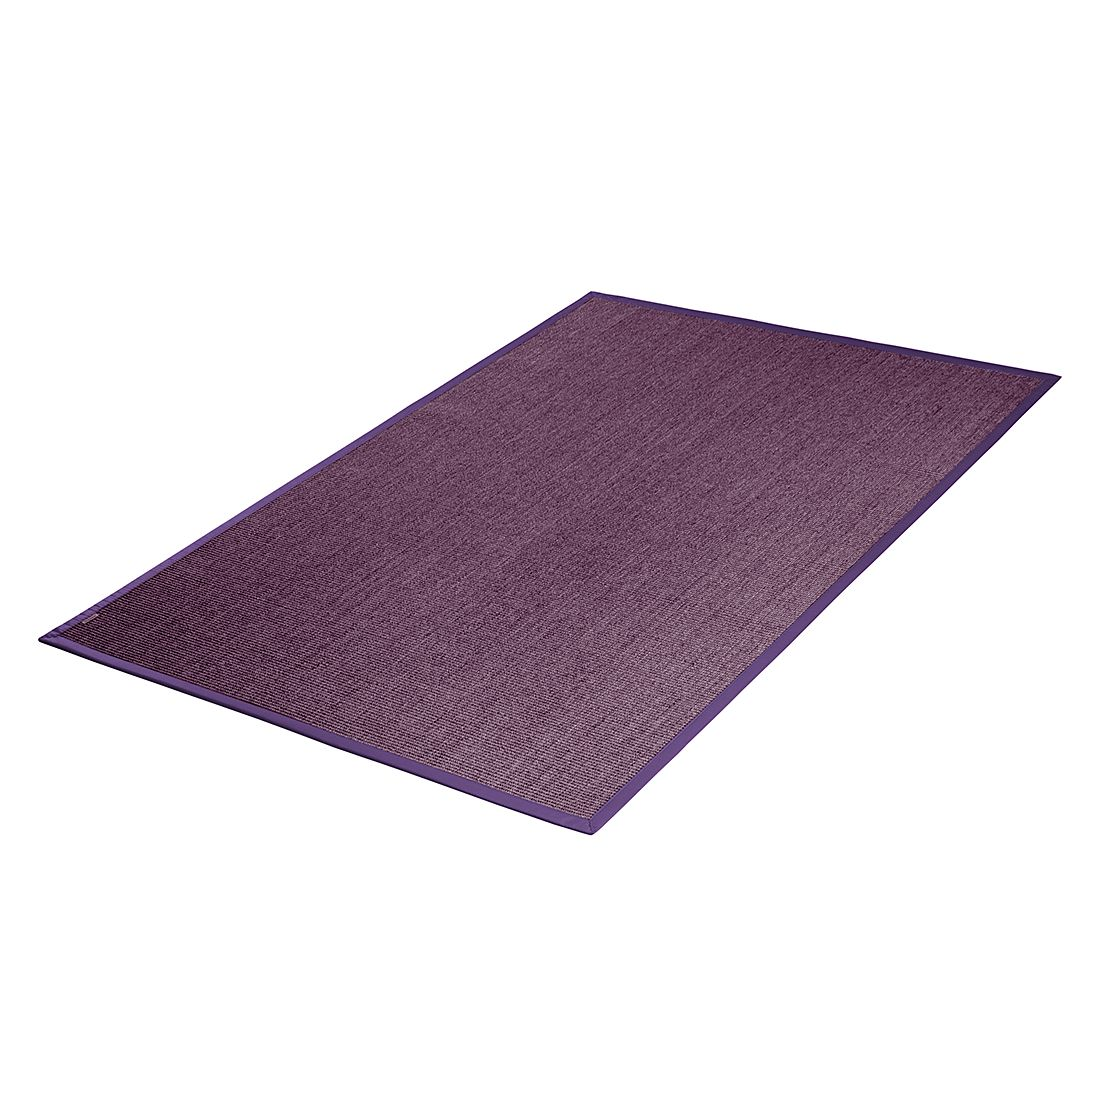 Teppich Mara A2 – Aubergine – 133 x 190 cm, DEKOWE günstig kaufen